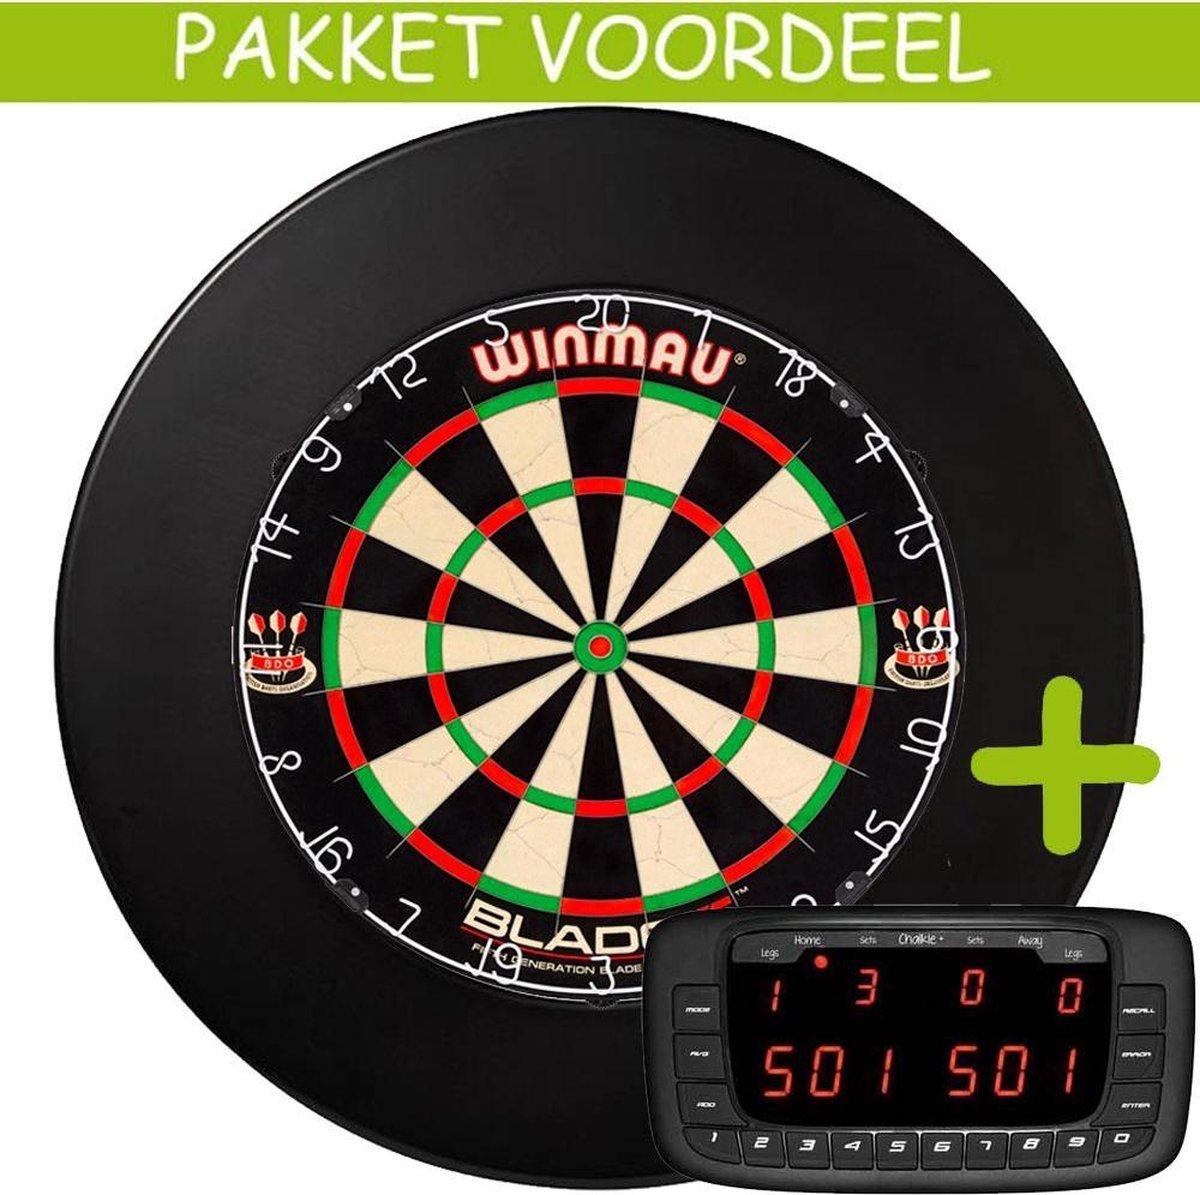 Elektronisch Dart Scorebord VoordeelPakket (Chalkie + ) - Blade 5 - Rubberen Surround (Zwart)